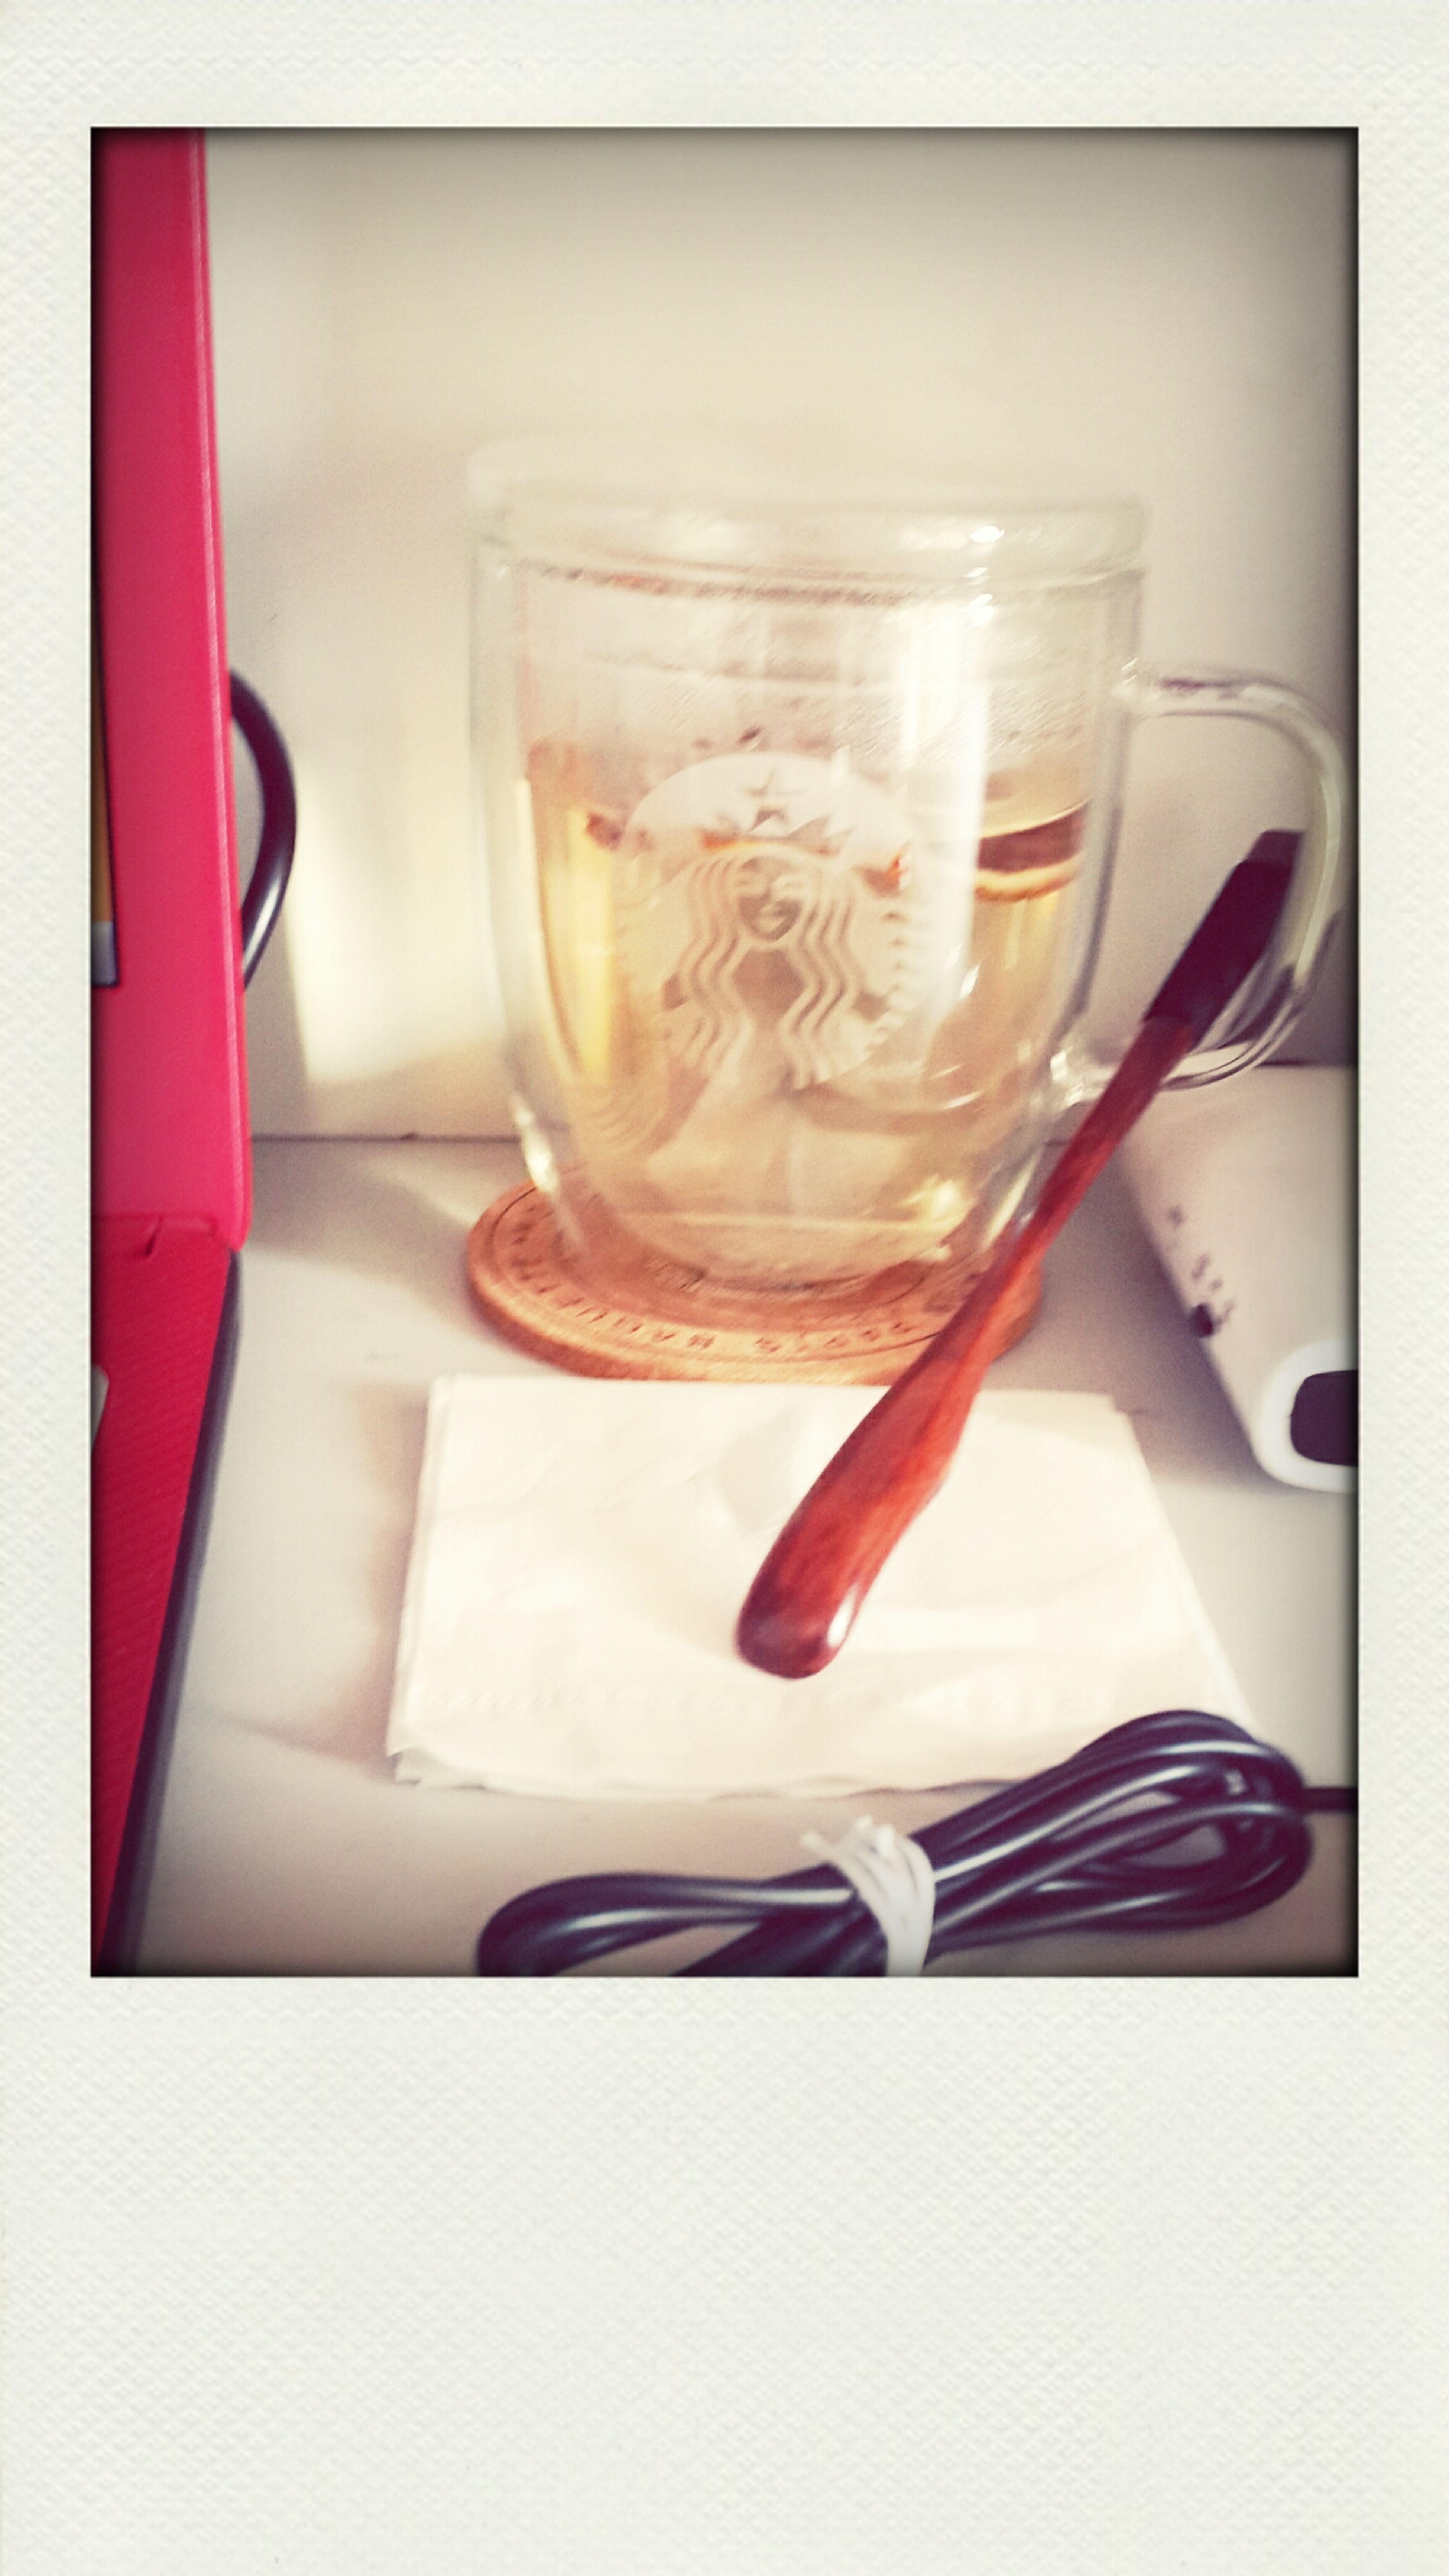 感冒,柠檬,下午 Drinks